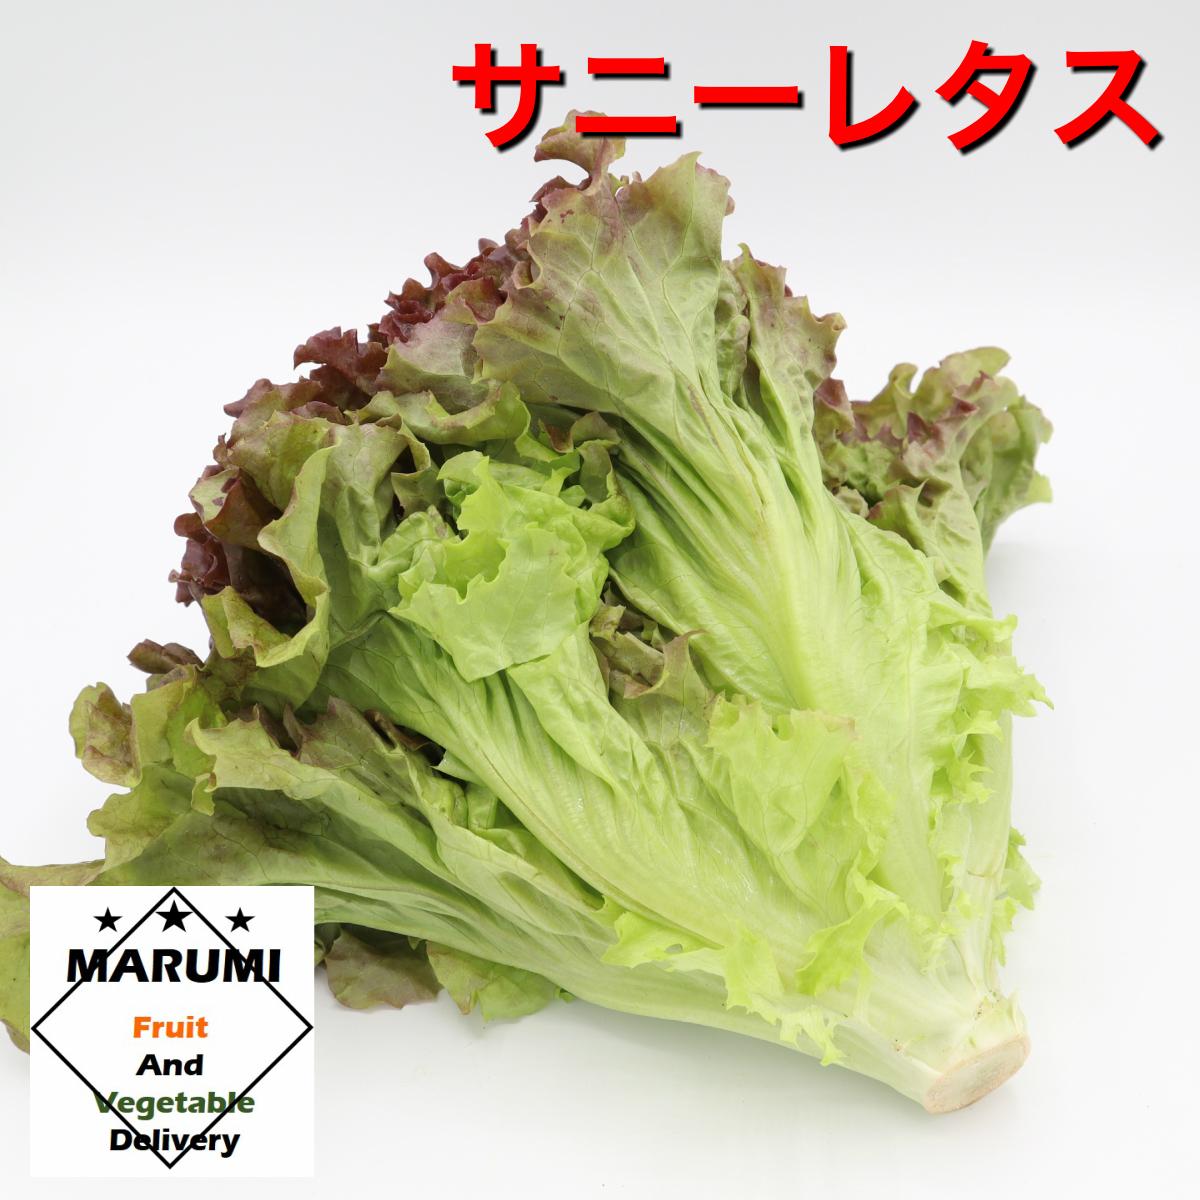 安心 安全の野菜をお届けします サニーレタス1束 セット野菜と同時購入で送料無料 静岡 茨城 再再販 春の新作続々 千葉 長野